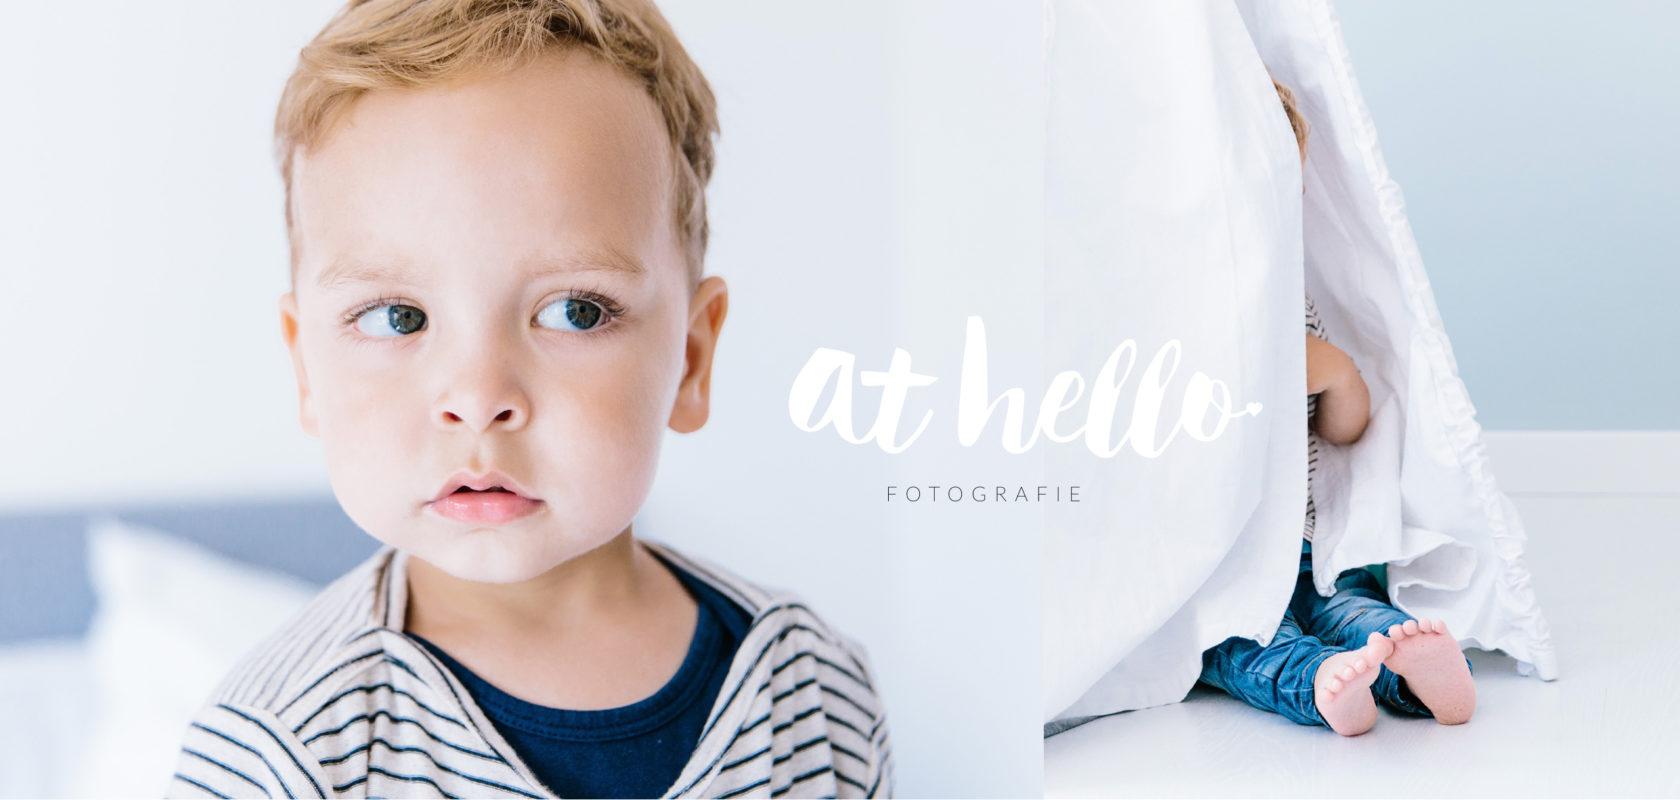 At hello fotografie | newbornshoot | familyshoot